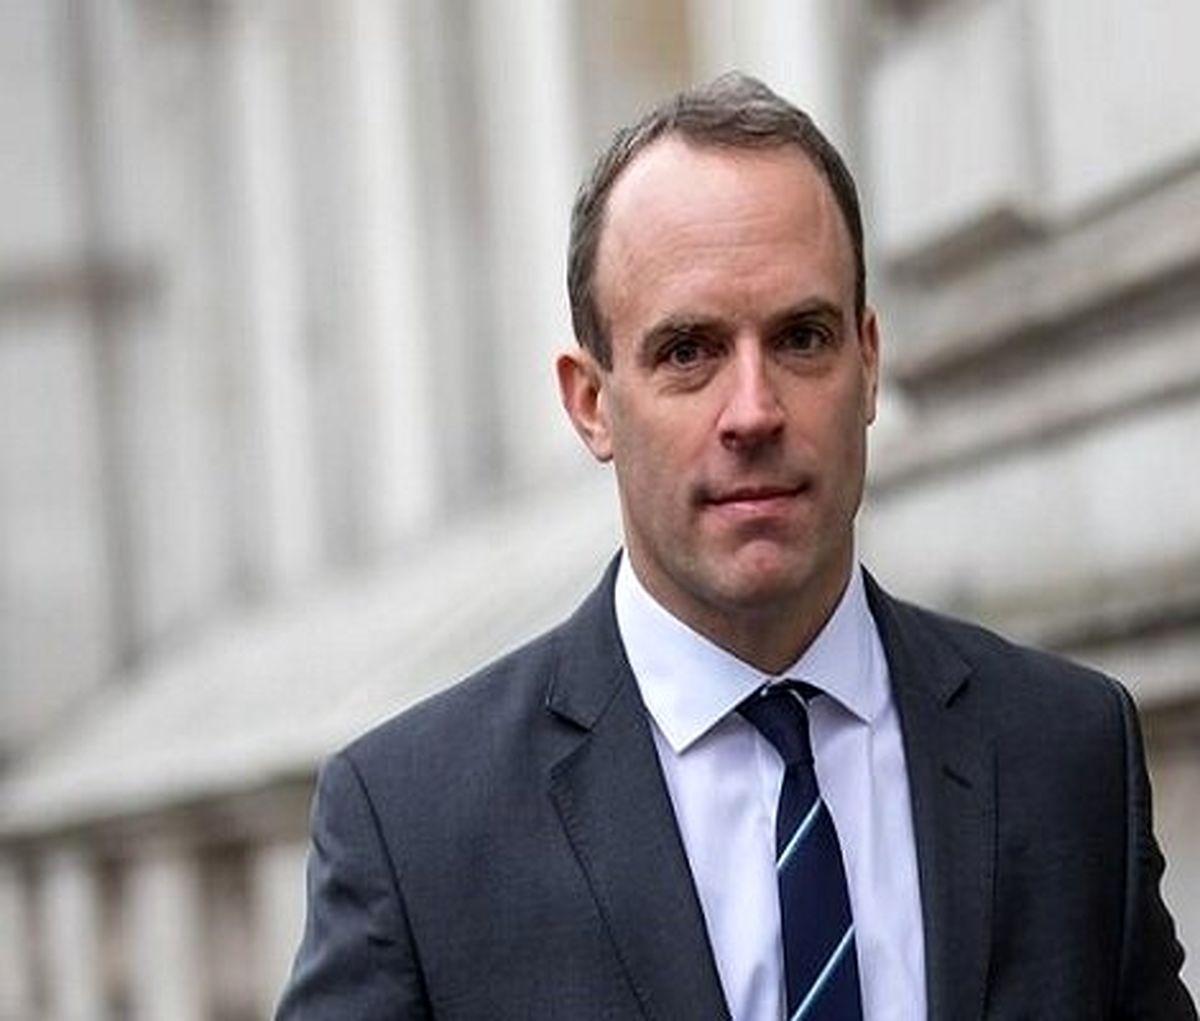 وزیر خارجه انگلیس و اشکنازی درباره برجام رایزنی می کنند